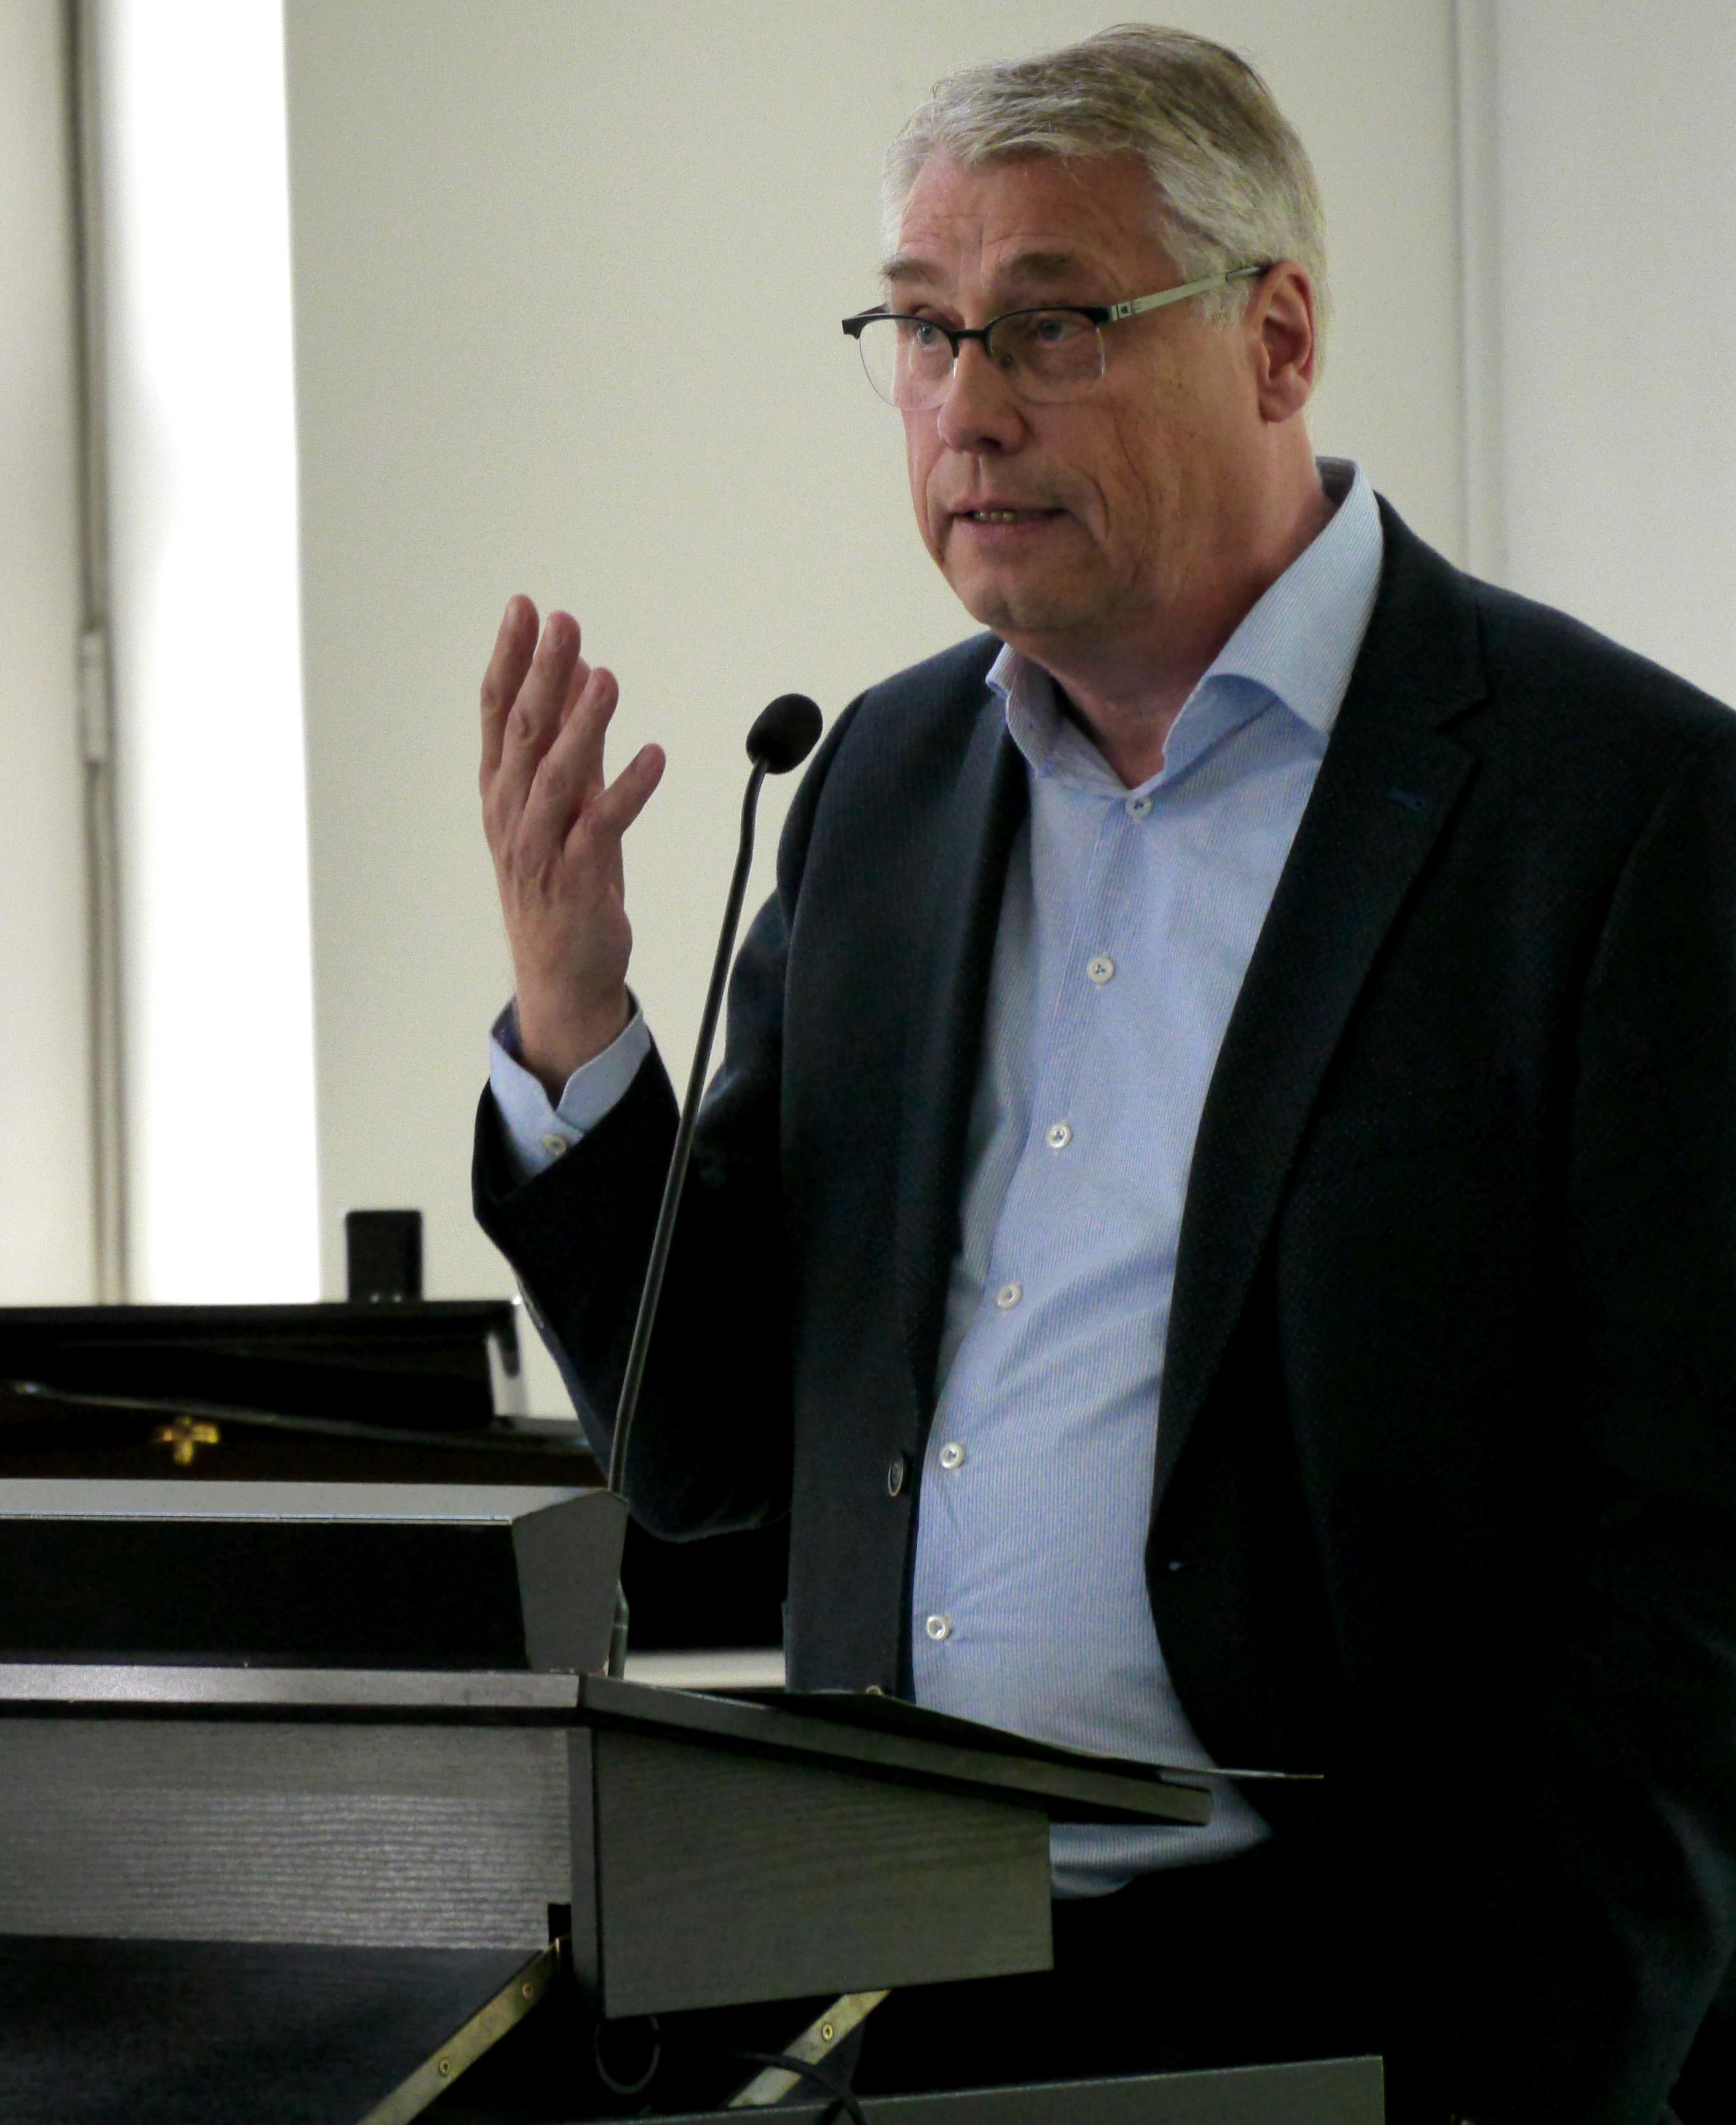 """Prof. Dr. Friedrich Hubert Esser, Präsident des Bundesinstituts für Berufsbildung, sprach beim """"ICDL-Launch"""" in Bonn über Herausforderungen der digitalen Arbeitswelt. Foto: Katrin Cürük / Dienstleistungsgesellschaft für Informatik mbH"""